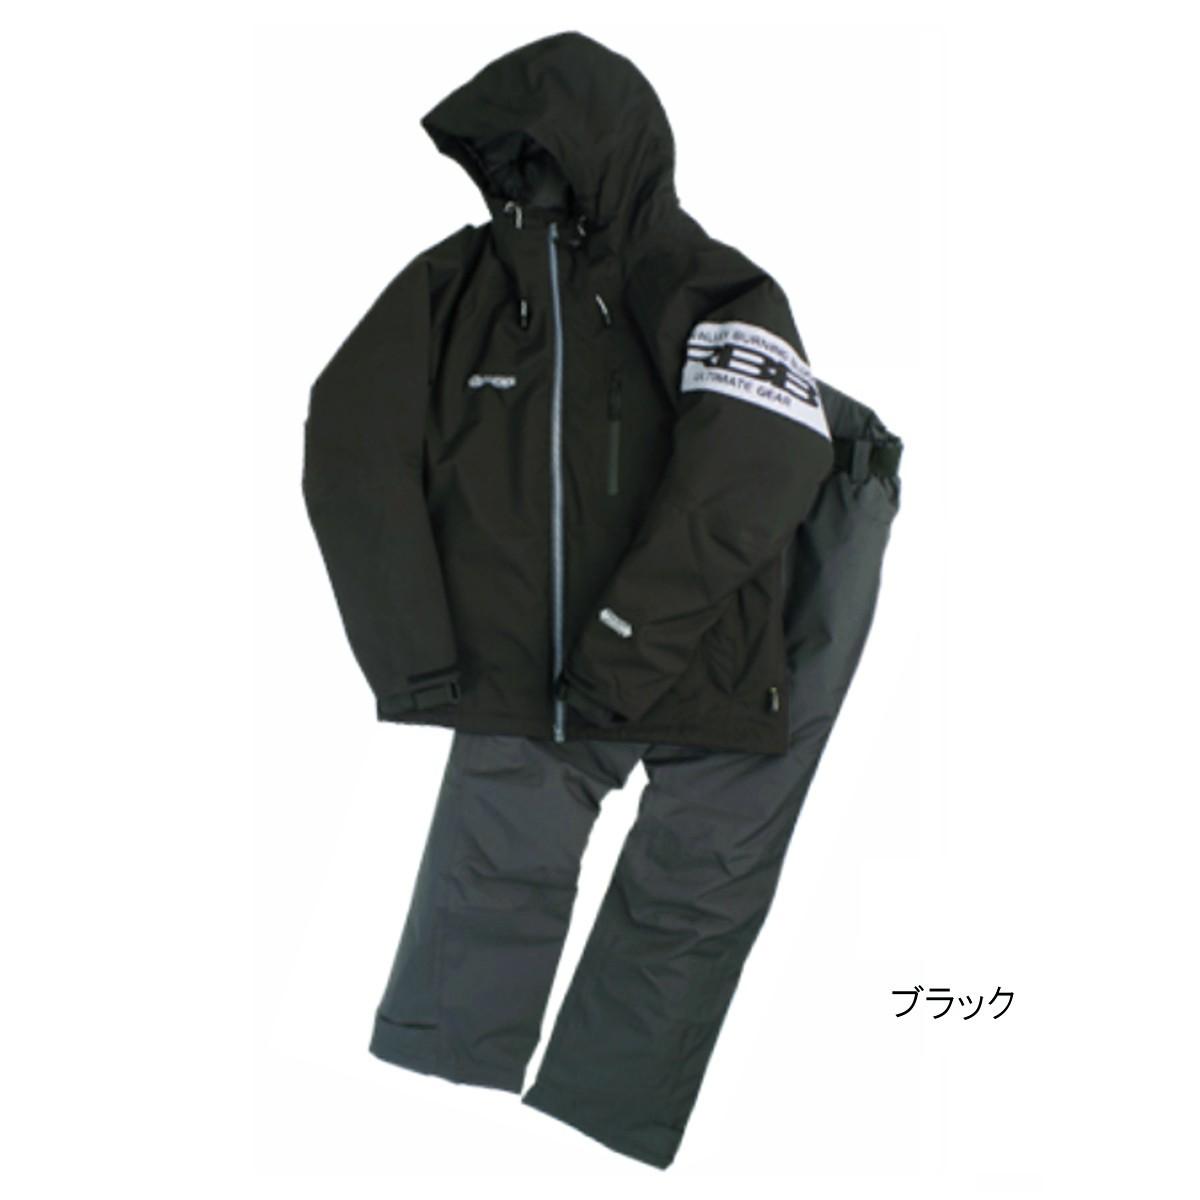 RBB タイドウォームスーツII No.8771 LL ブラック【送料無料】